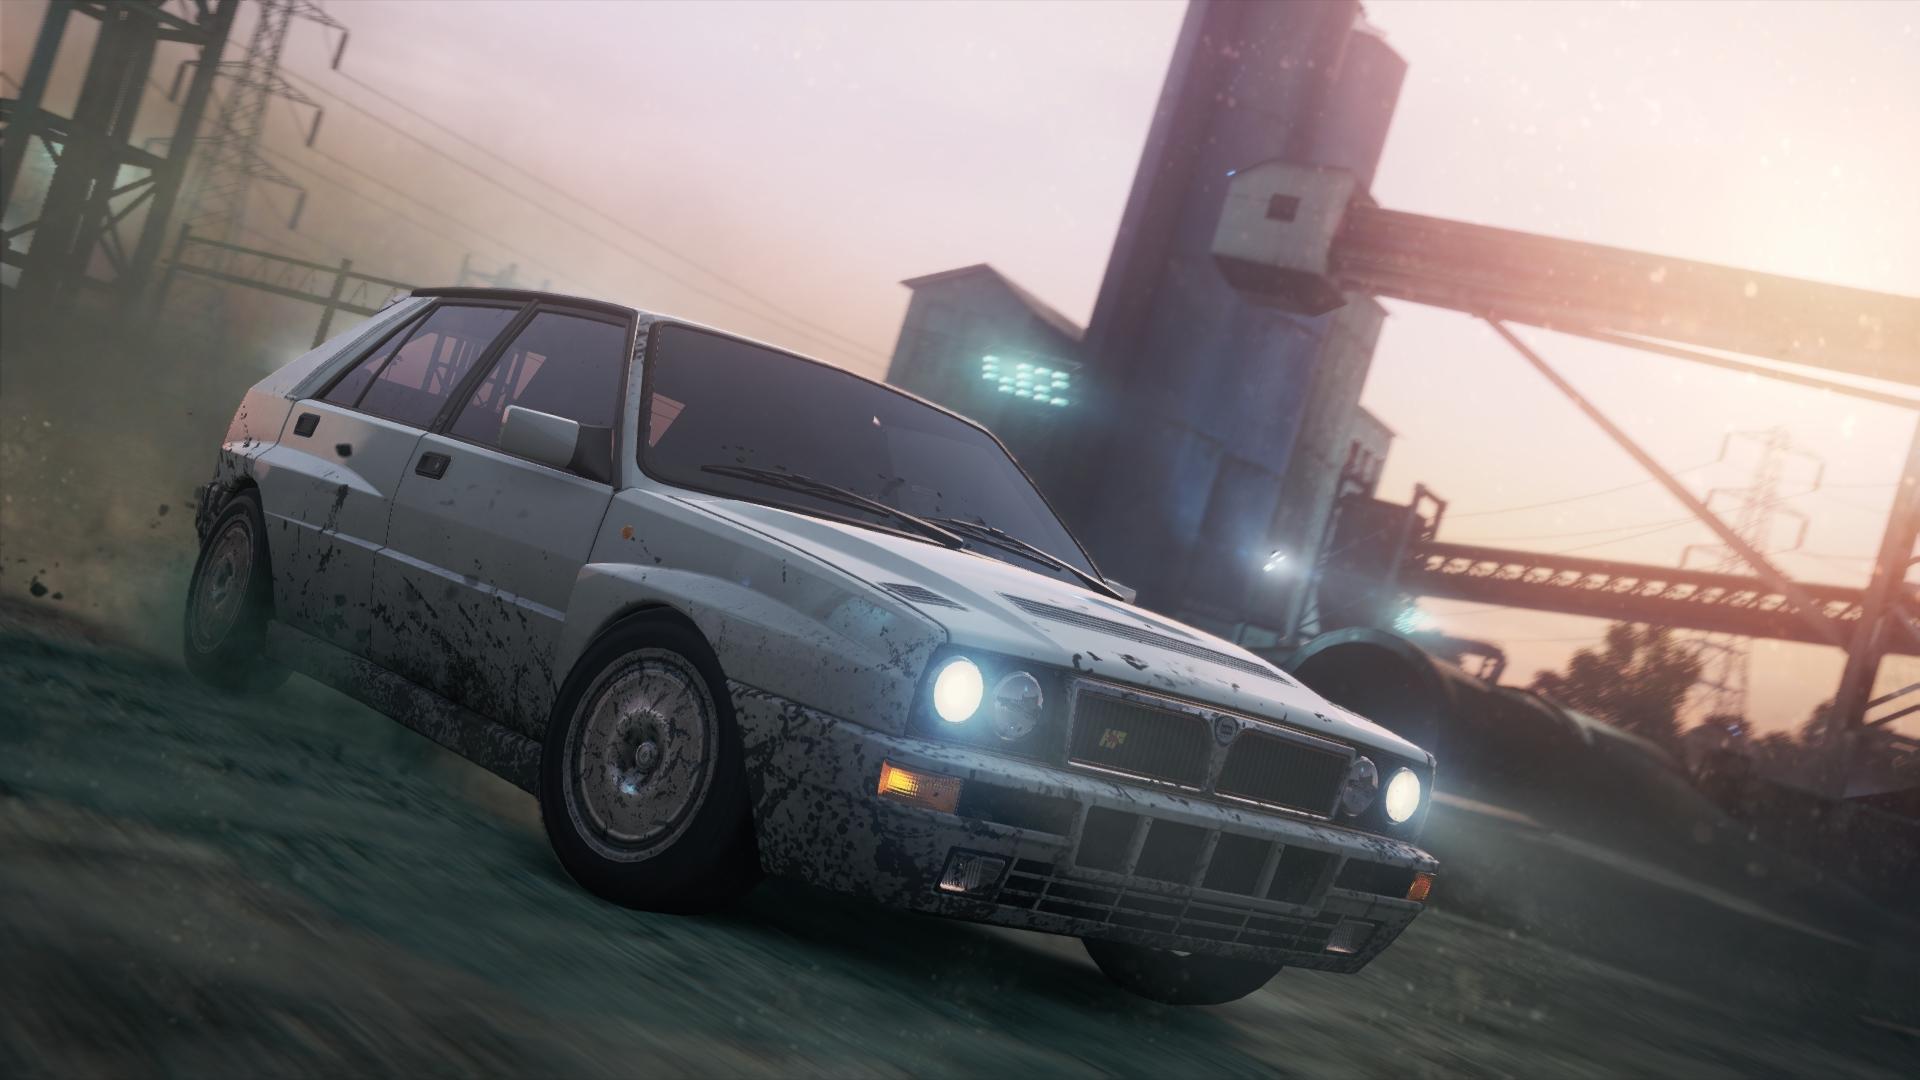 Lancia Delta Hf Integrale Evoluzione Ii At The Need For